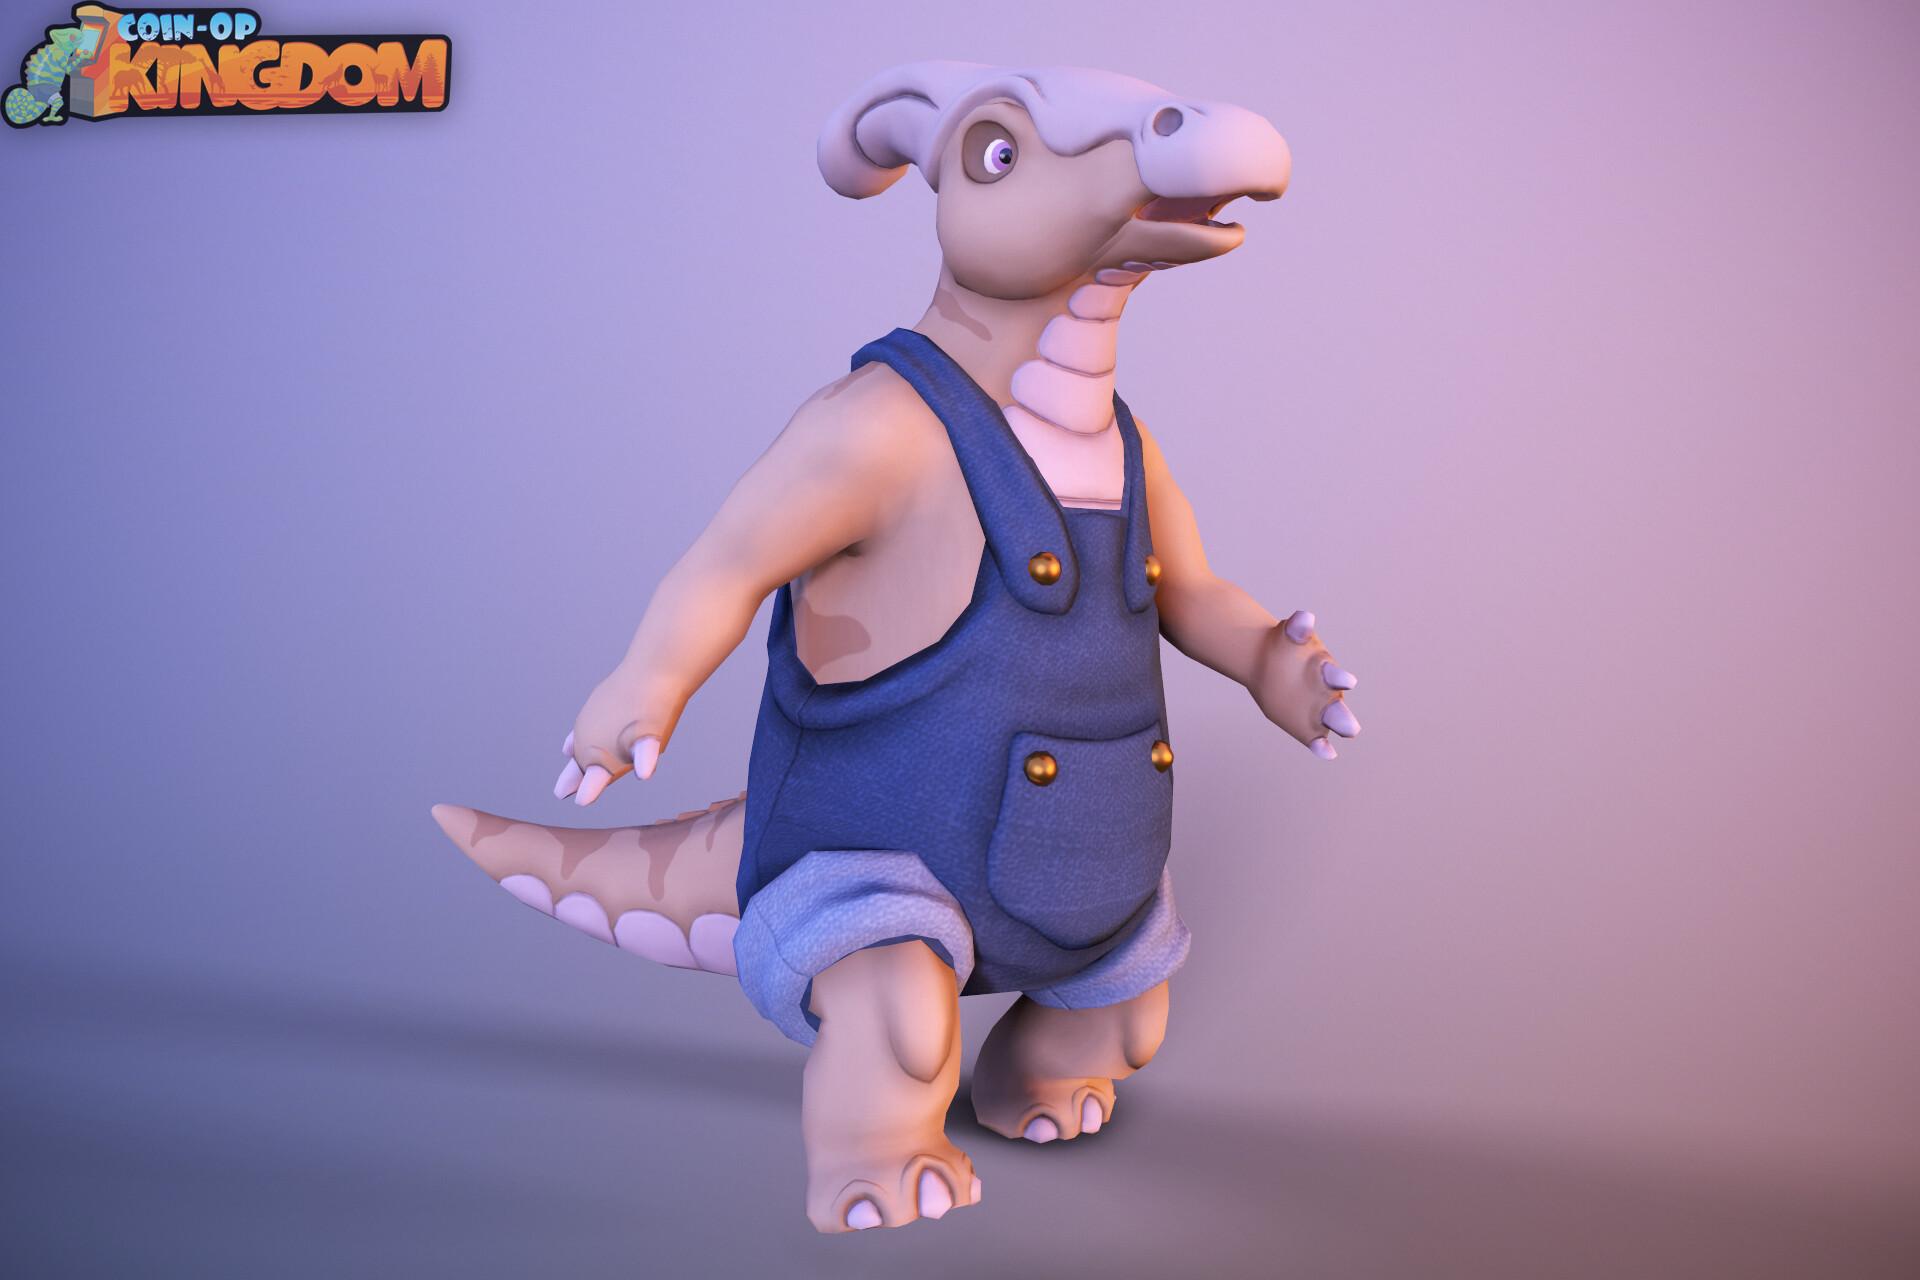 Chloe mccann parasaur